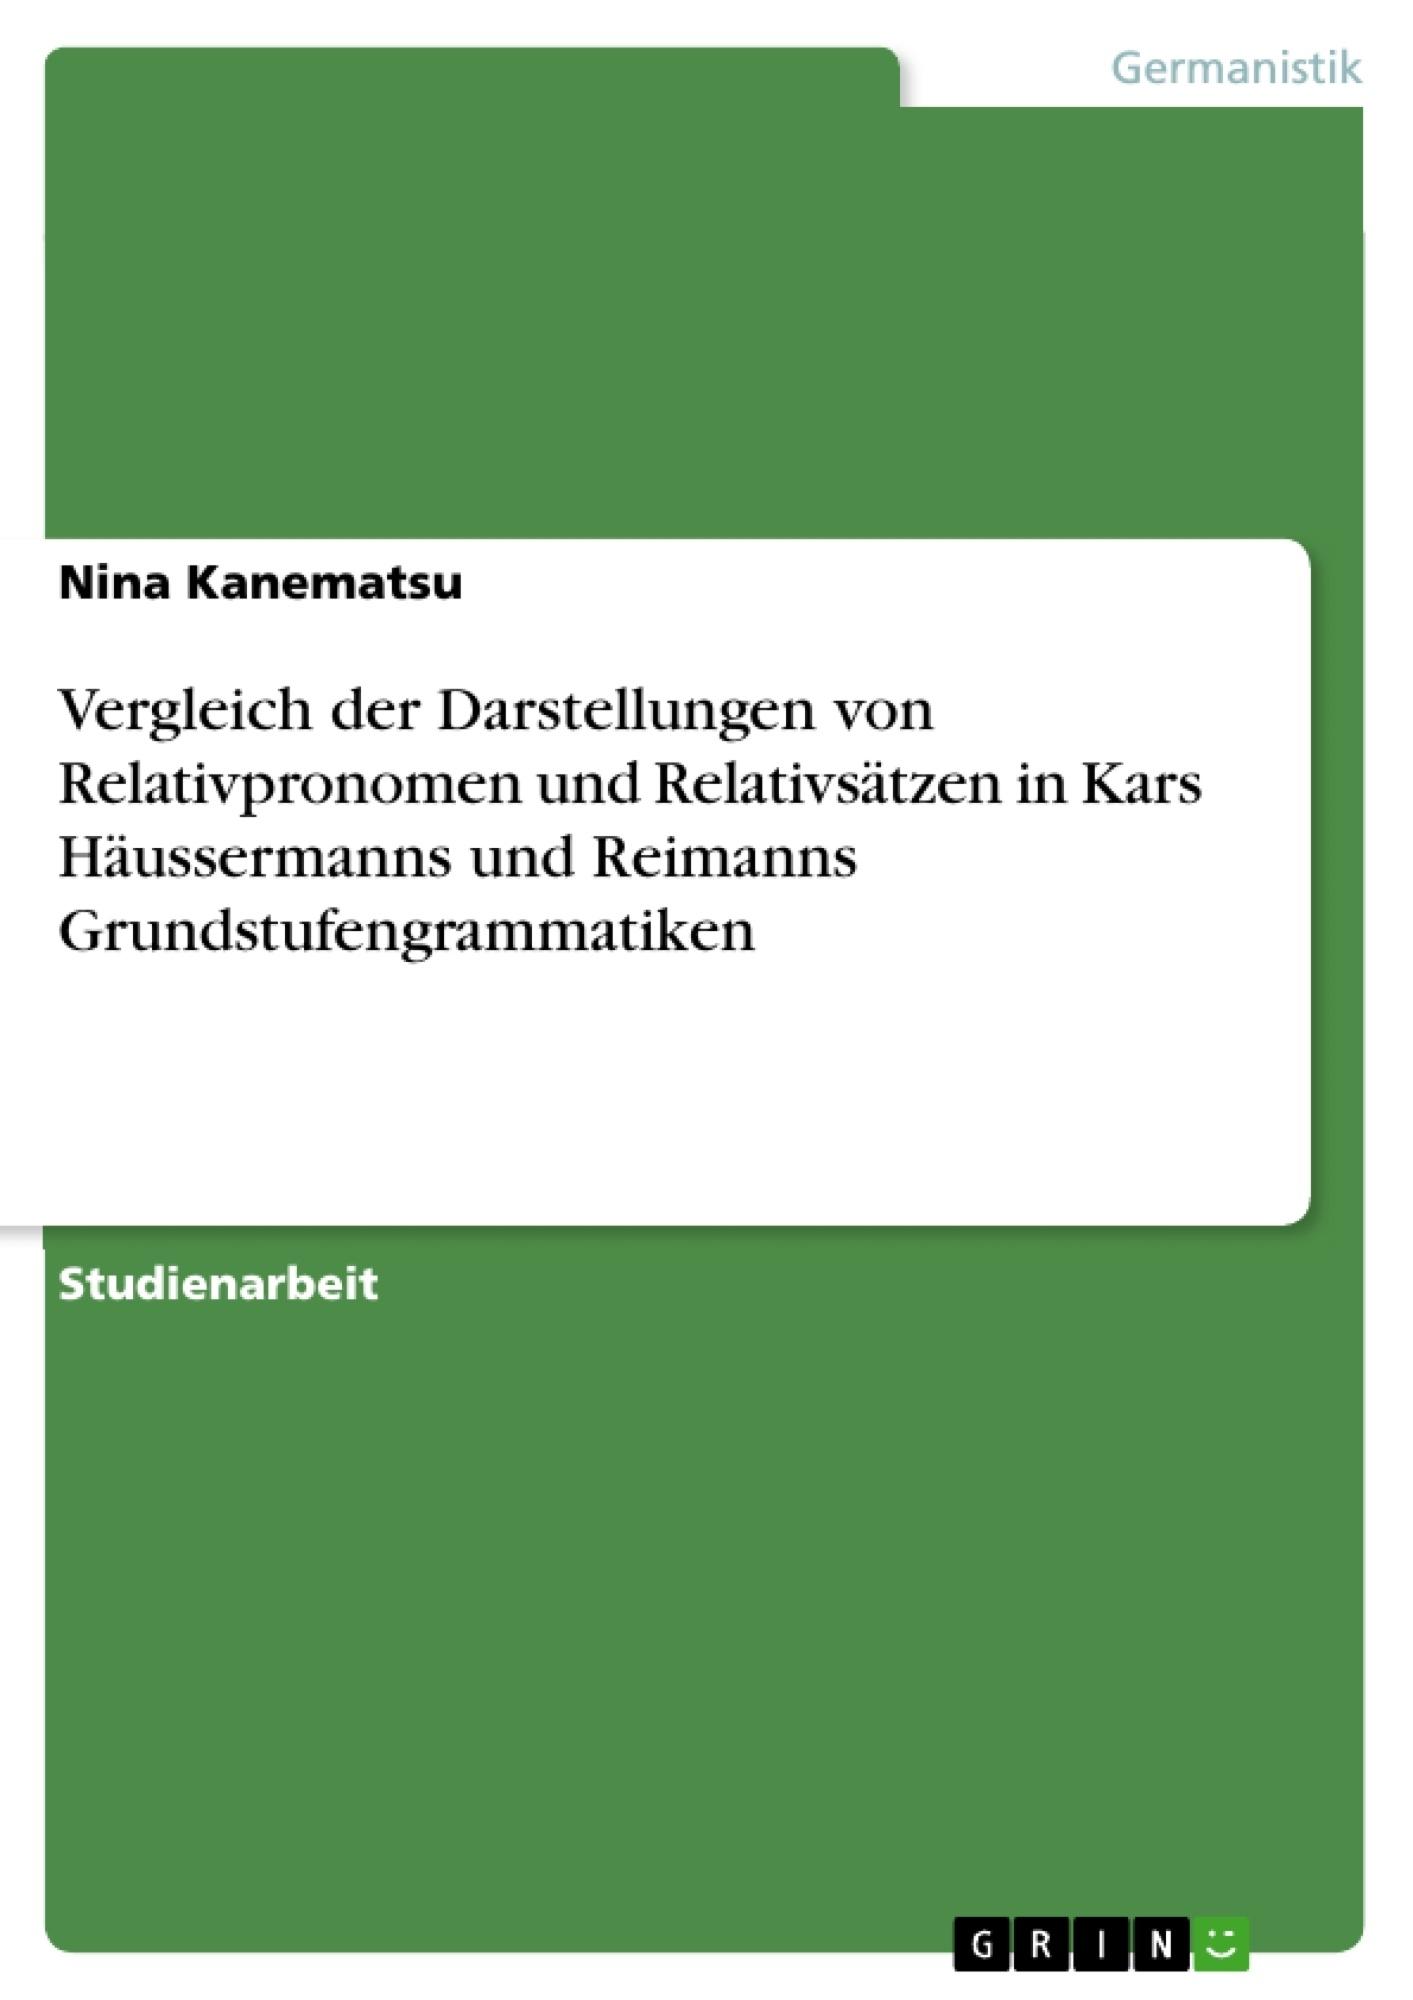 Titel: Vergleich der Darstellungen von Relativpronomen und Relativsätzen in Kars Häussermanns und Reimanns Grundstufengrammatiken